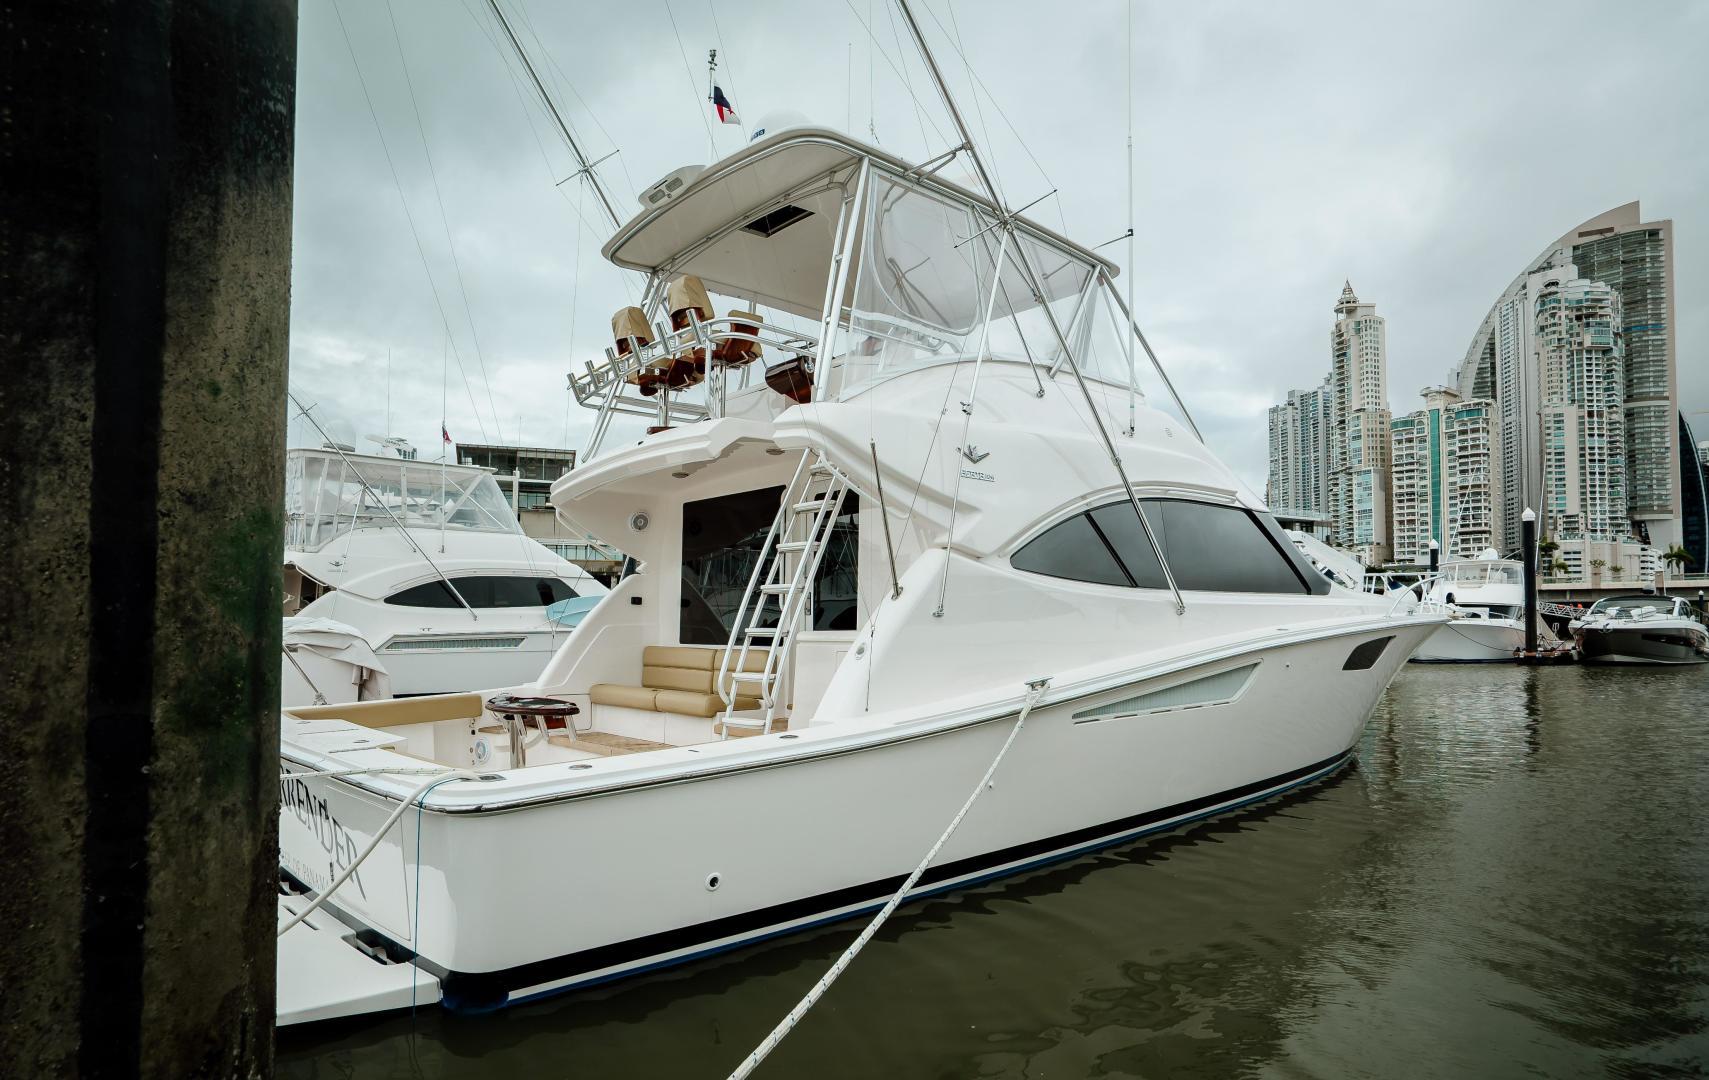 Bertram-Convertible 2013-Never Surrender Panama City-Panama-1562284 | Thumbnail